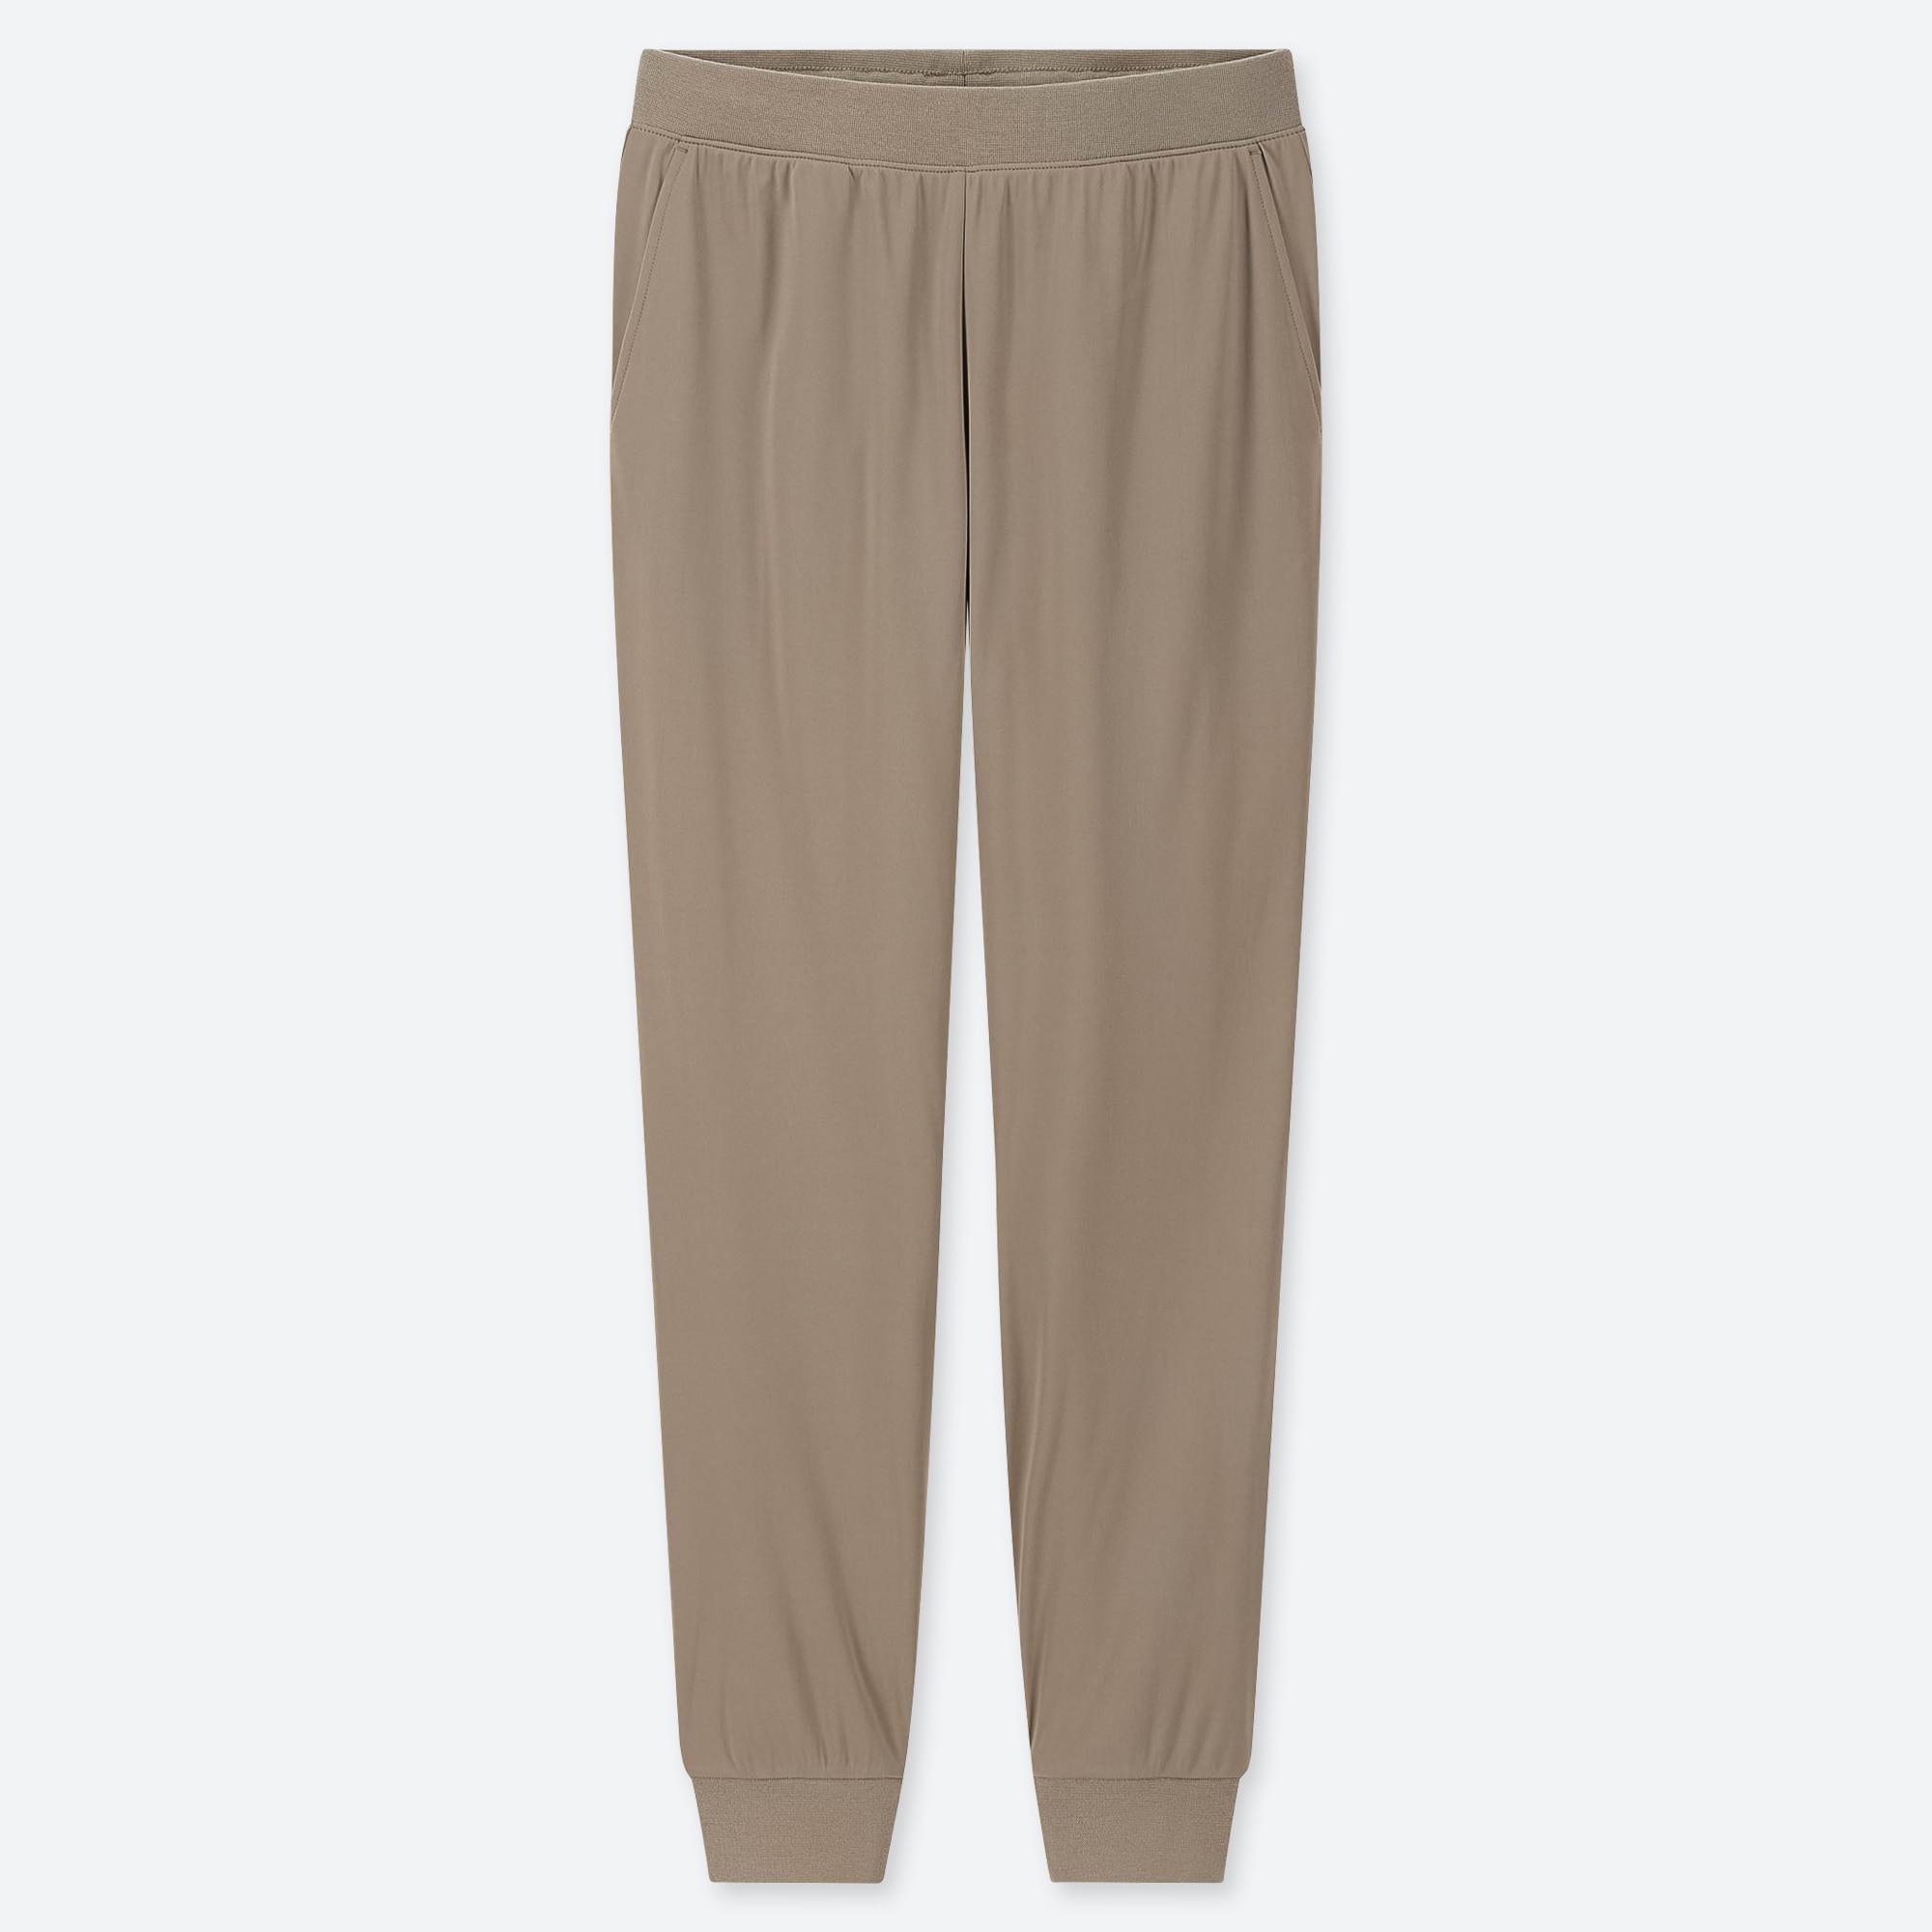 WOMEN STRETCH PILE-LINED FLEECE PANTS